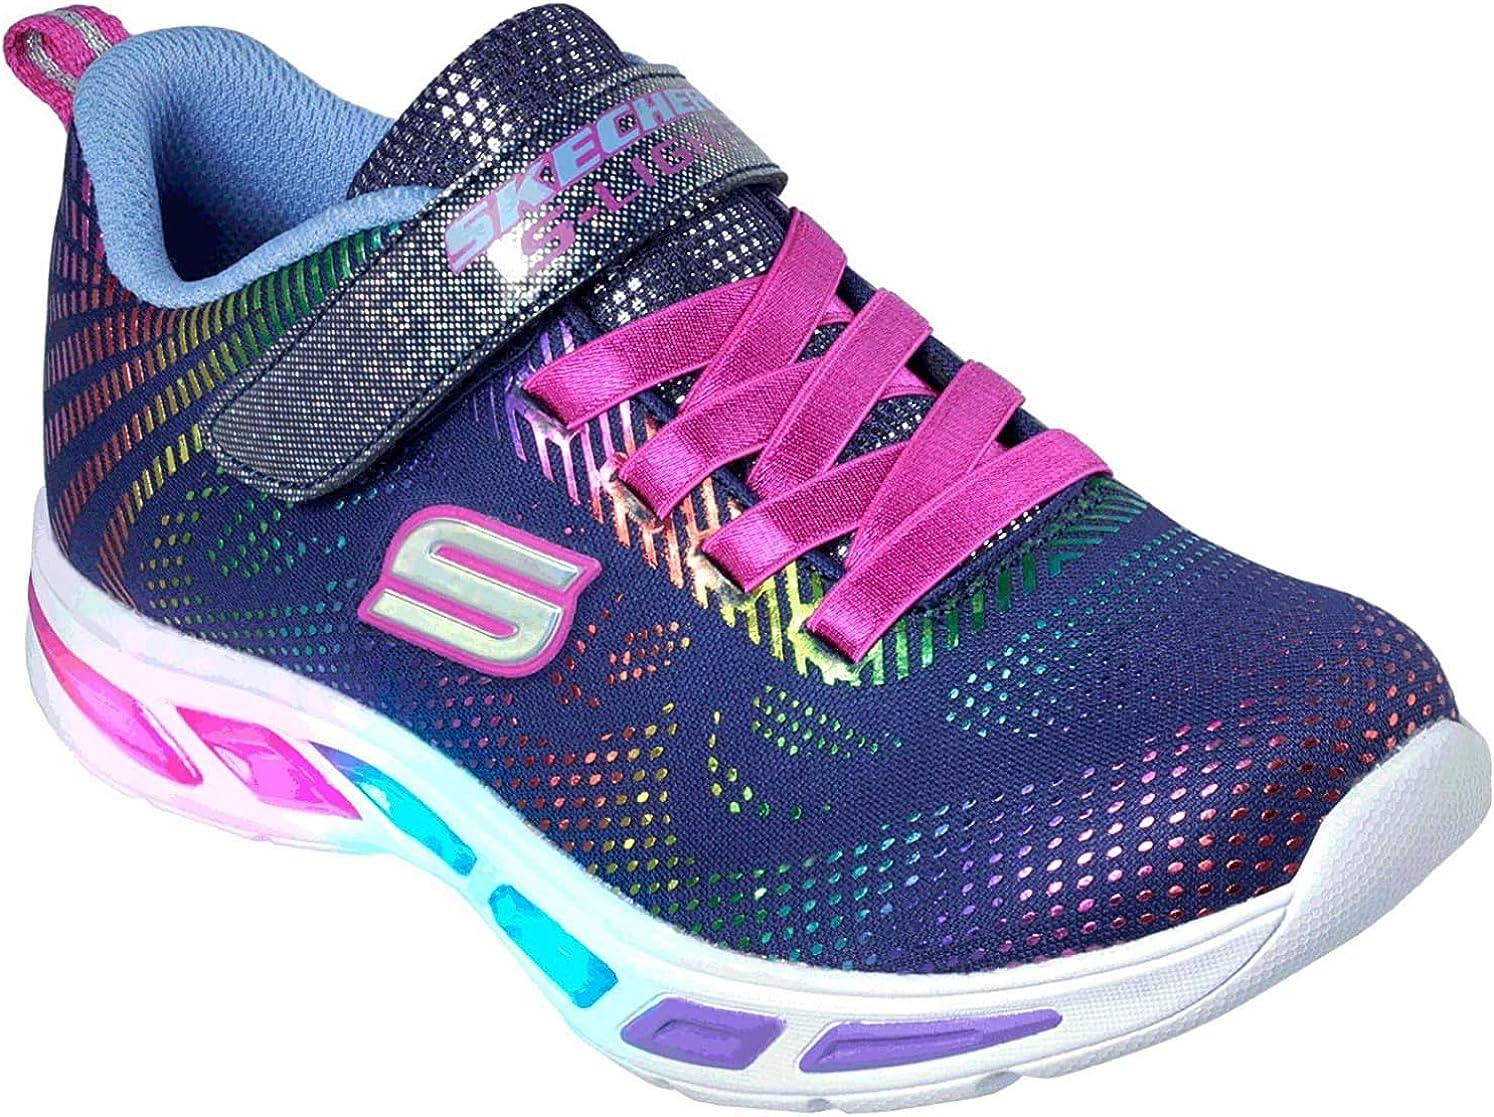 SKECHERS Girls' Litebeams Gleam N' Dream Sneakers Bob's